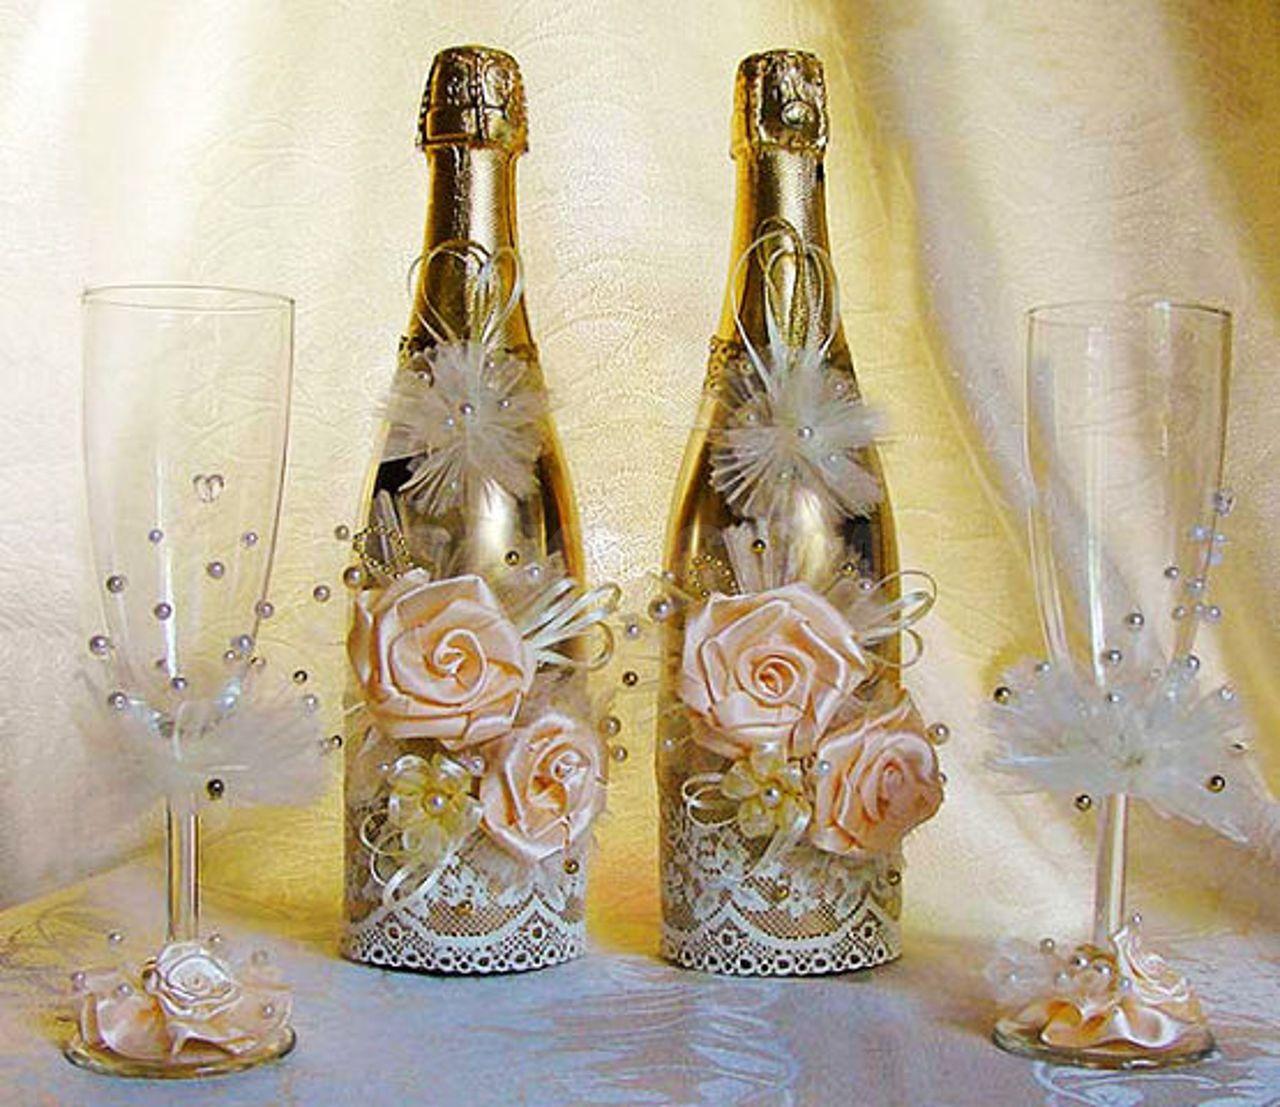 Делаем оформление стеклянных бутылок шампанского на свадьбу